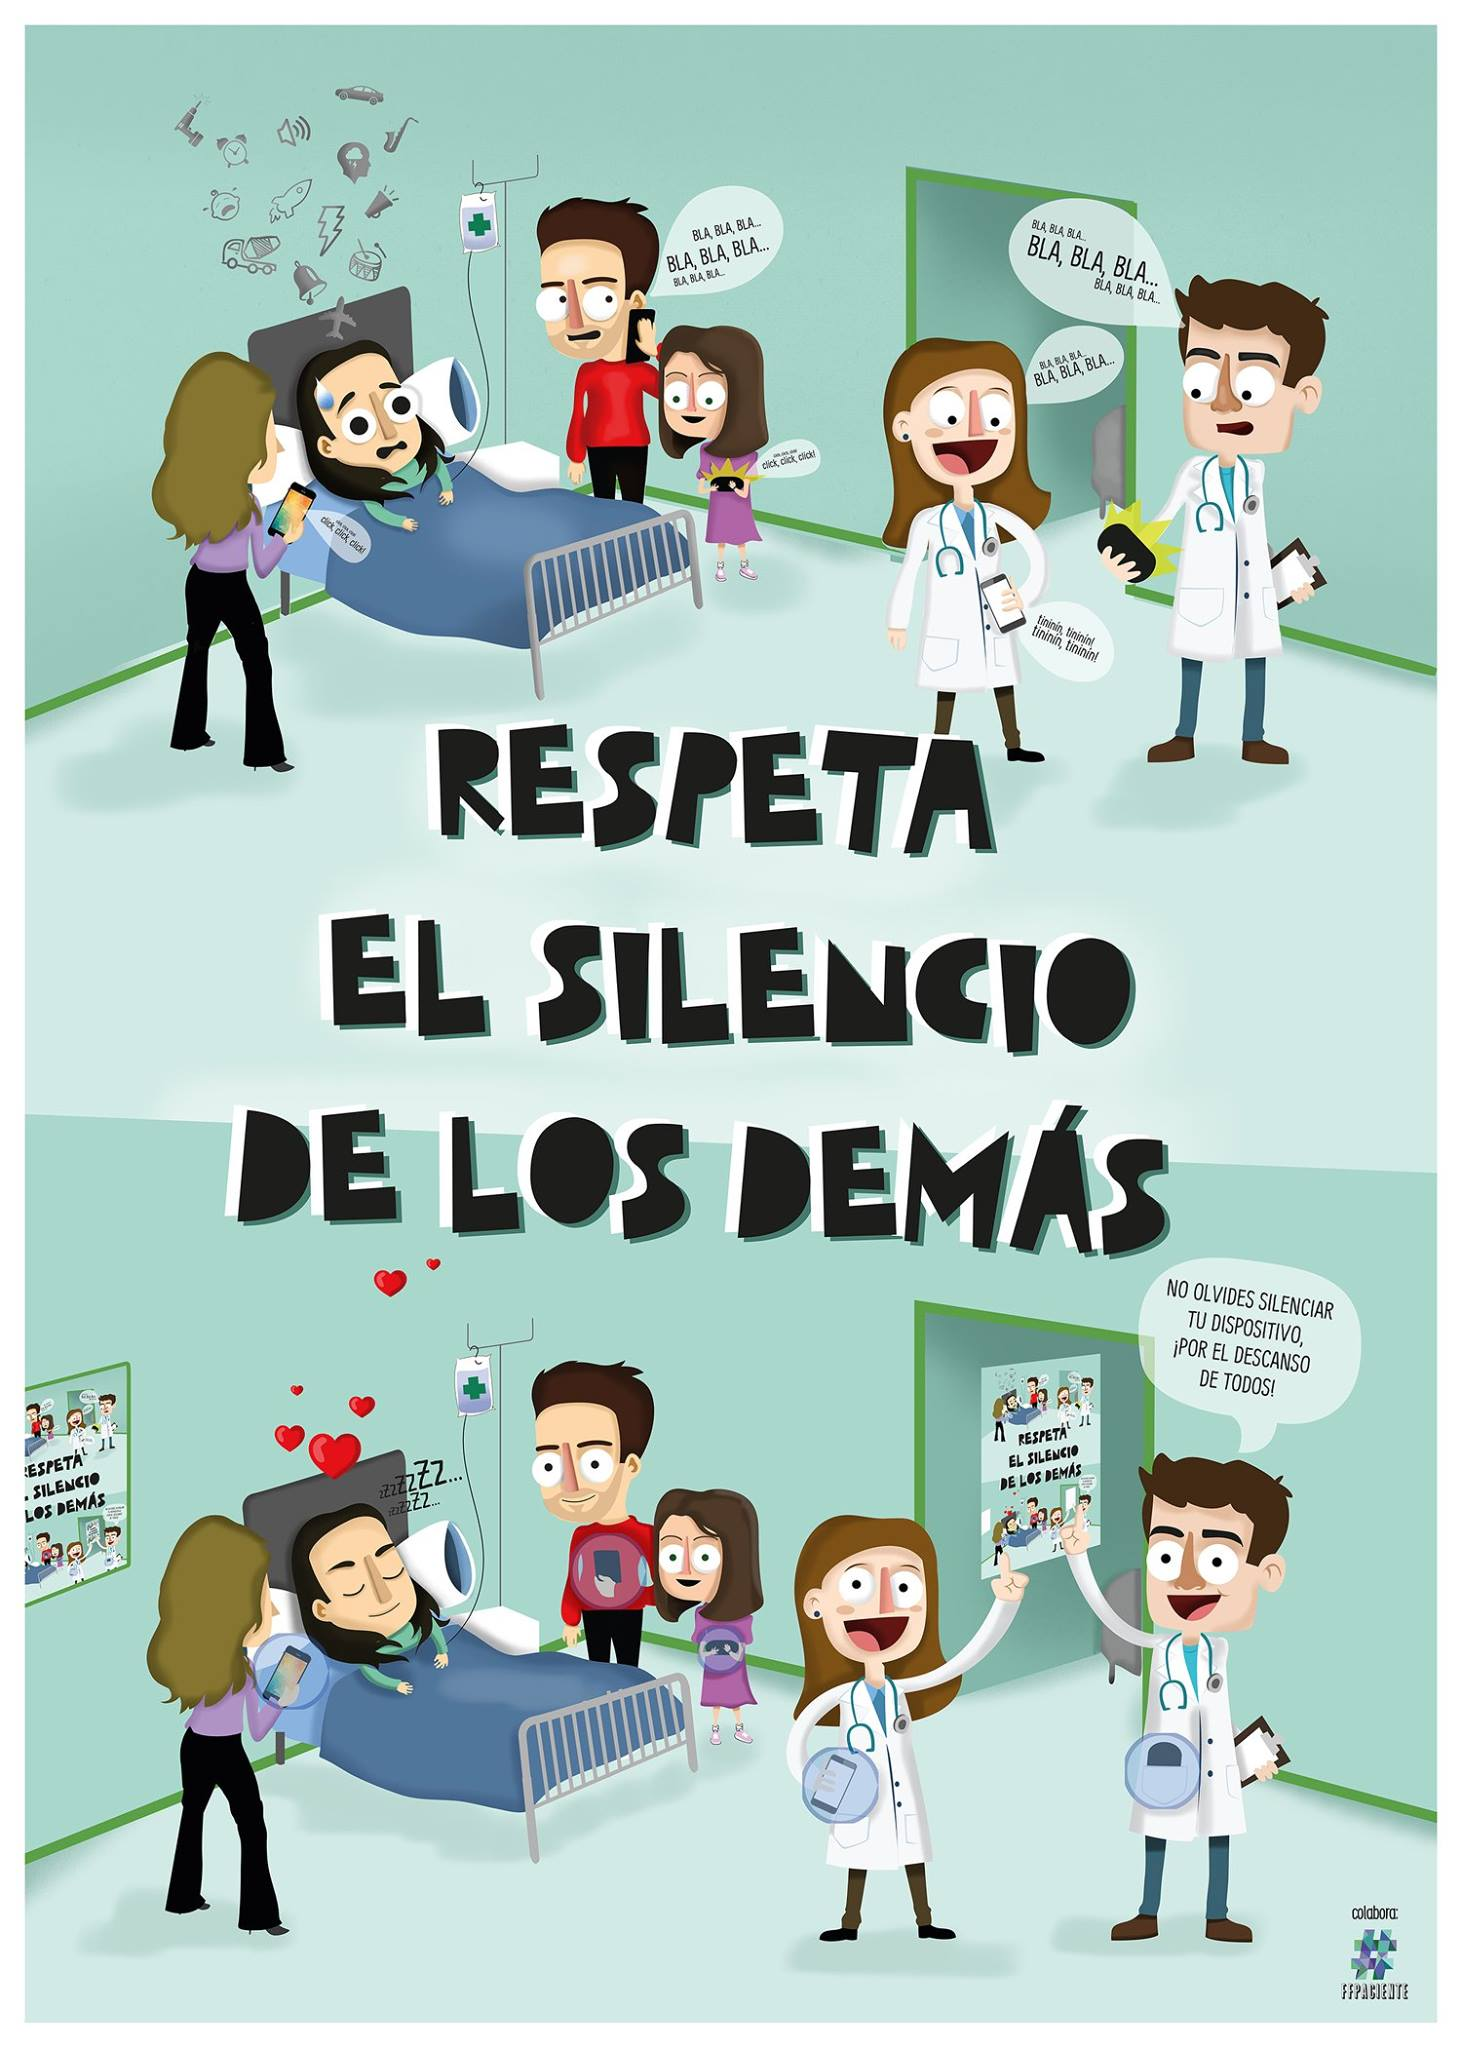 Shhhhhhh! #SanidadSINruido